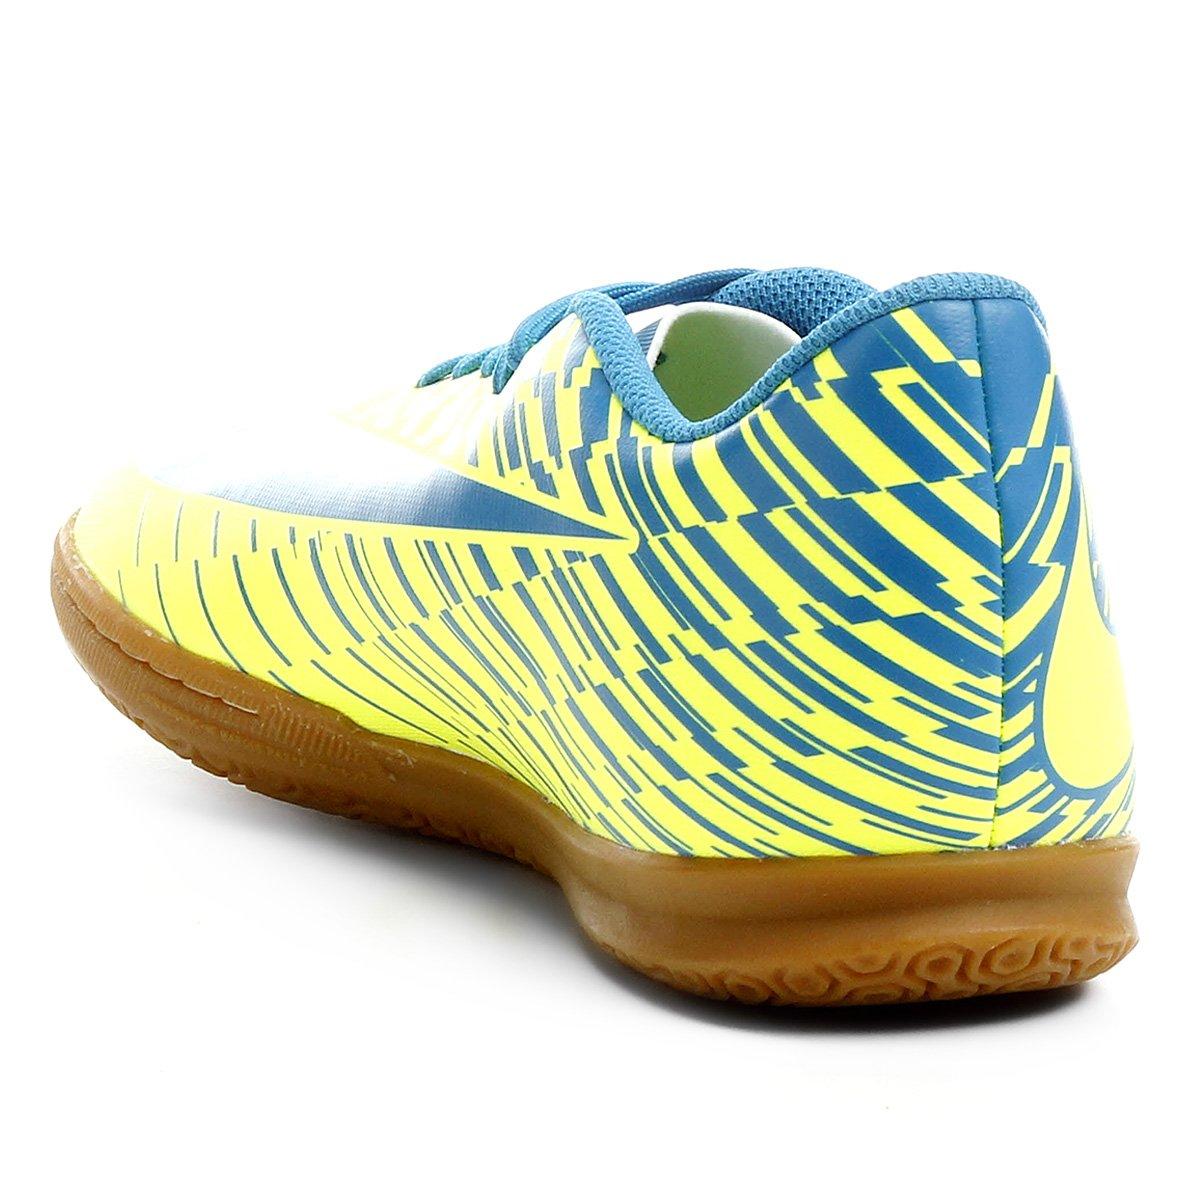 Chuteira Futsal Nike Bravata 2 IC - Azul e amarelo - Compre Agora ... 18d96ea36578e